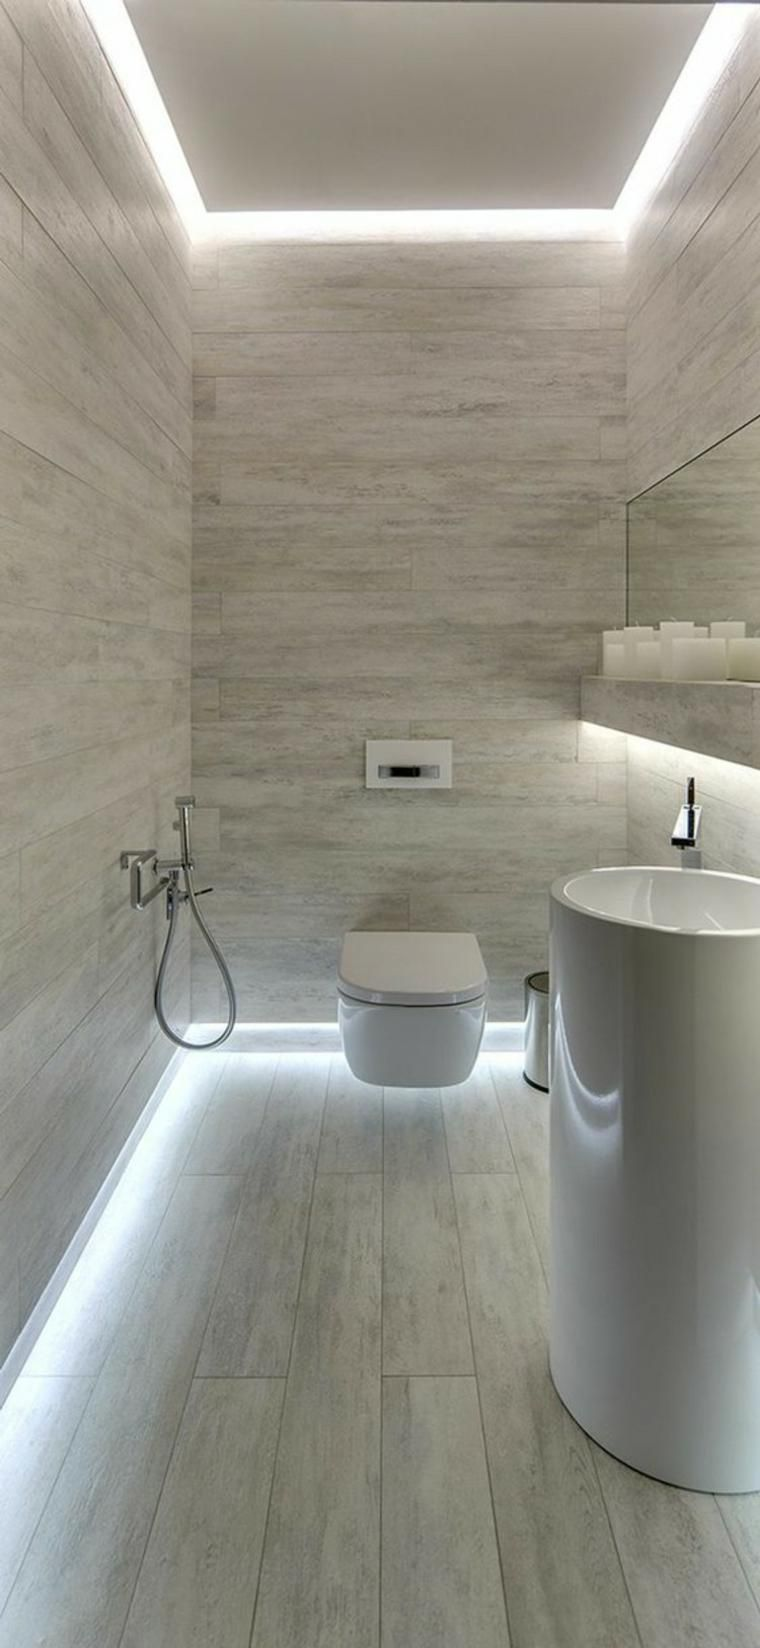 Auch Ein Bad Mit Dachschrage Eignet Sich Perfekt Fur Eine Holz Decke Bad Mit Dachschrage Modernes Badezimmerdesign Moderne Bader